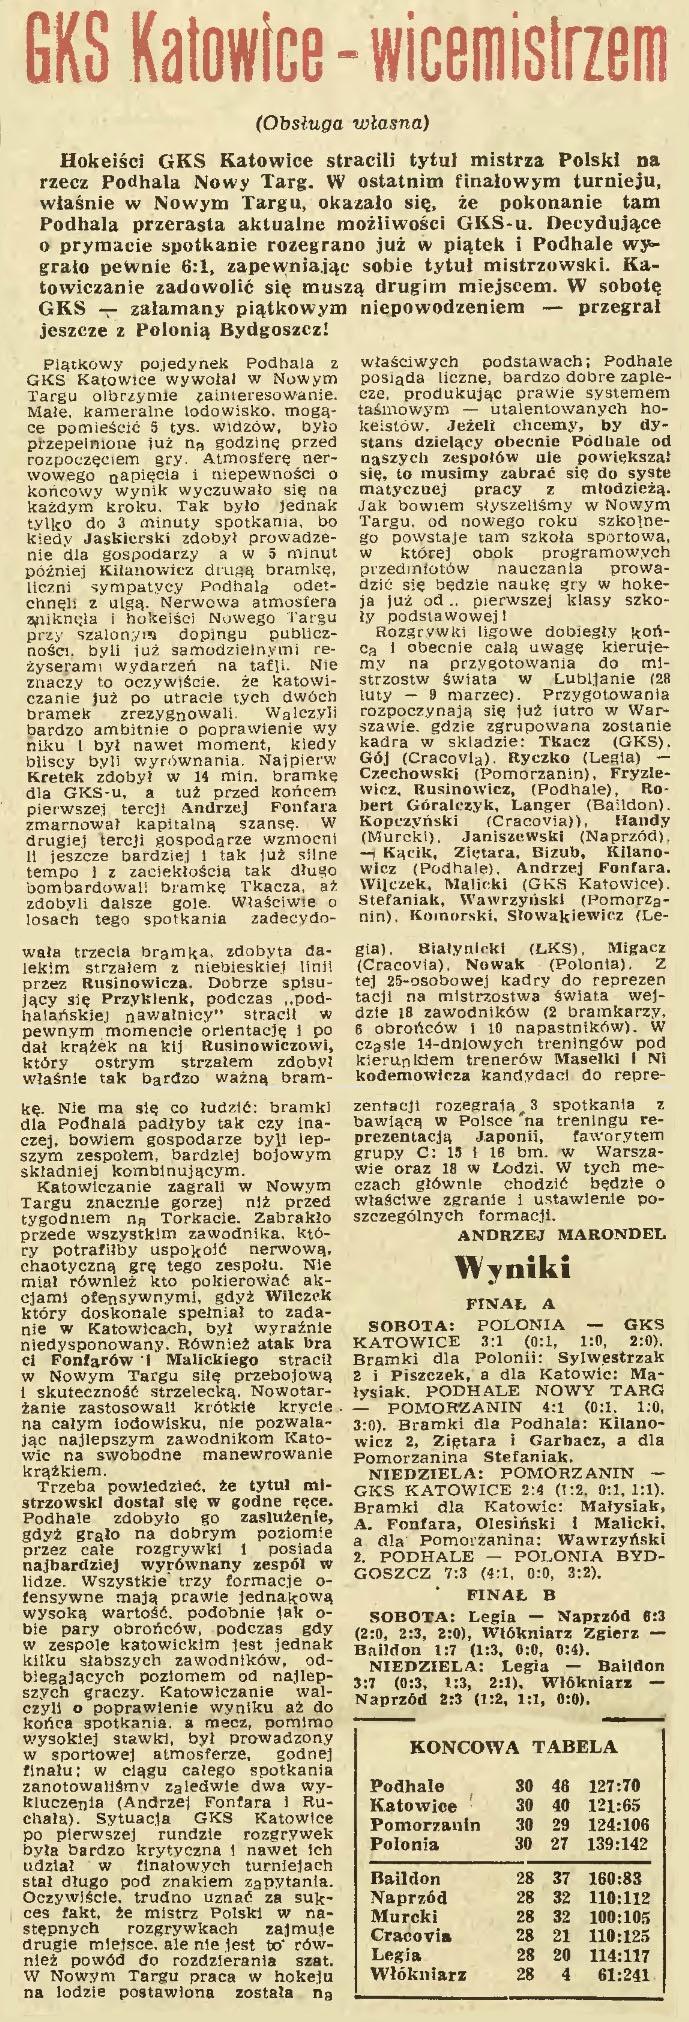 1969-02-10-1+.jpg